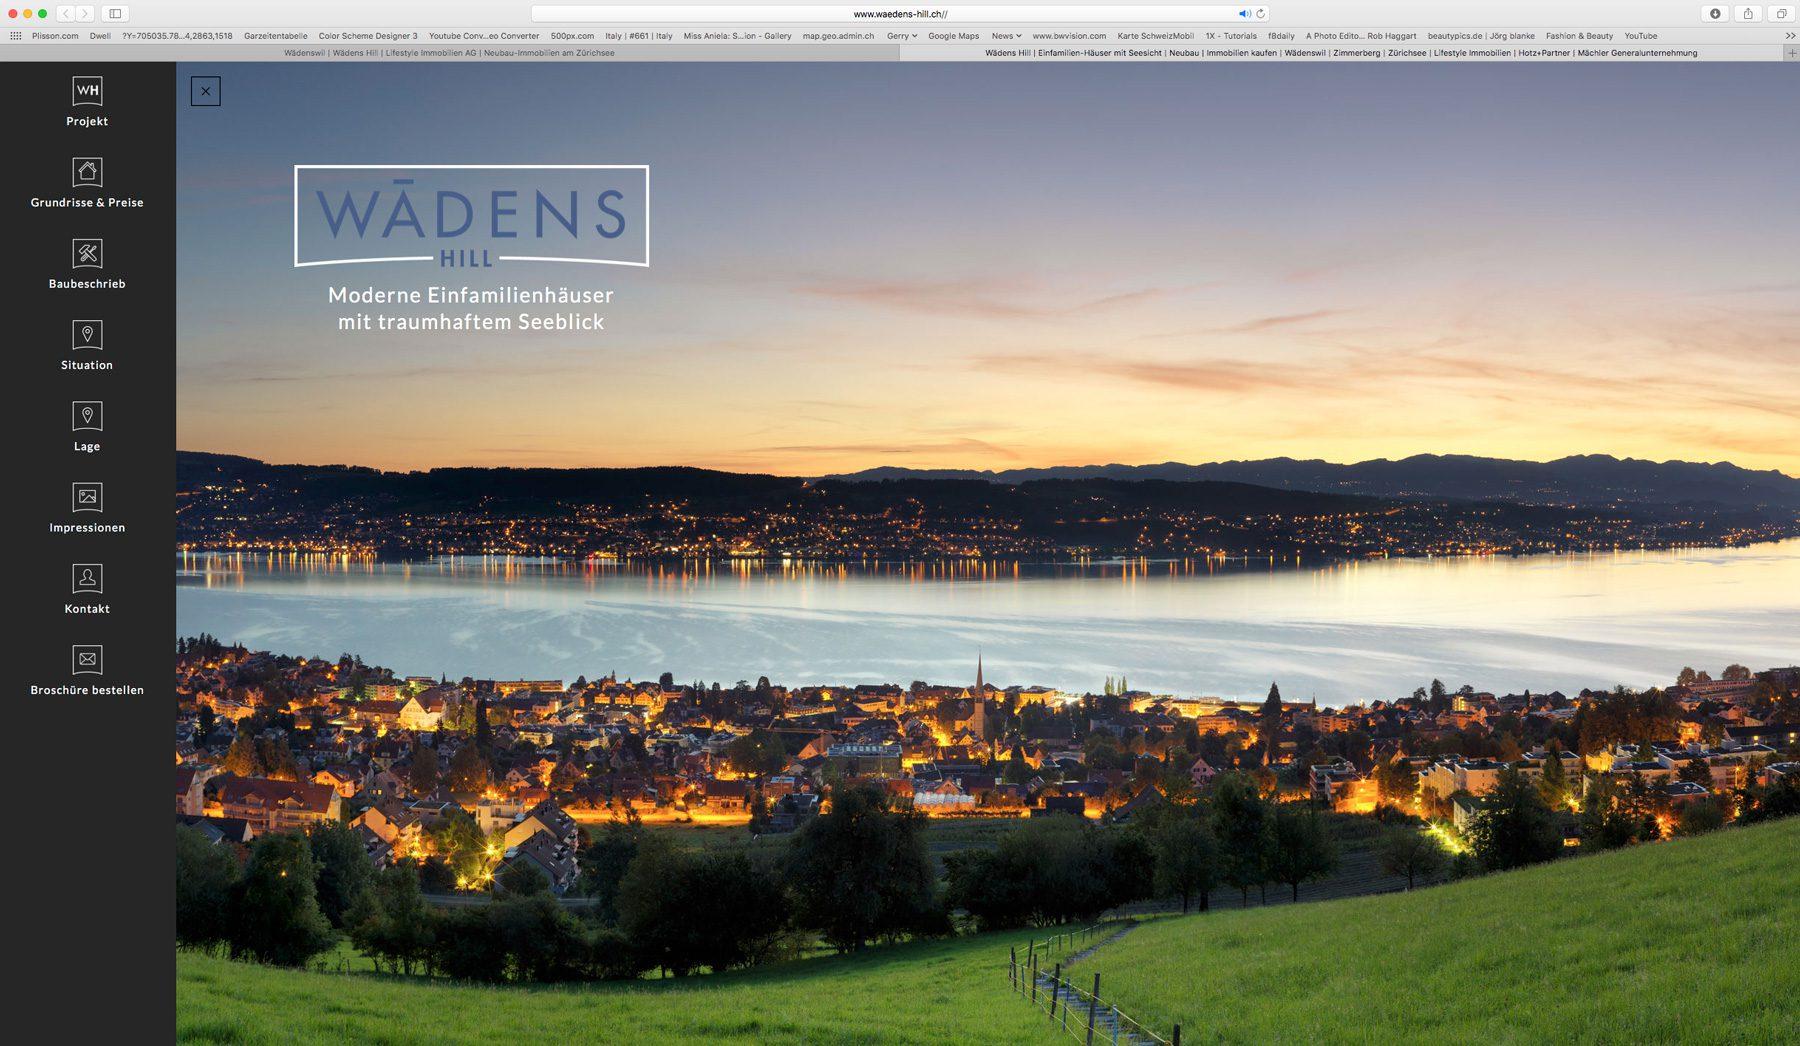 Landschaftsaufnahmen für das Bauprojekt Wädens-Hill in Wädenswil / Sonnenaufgang